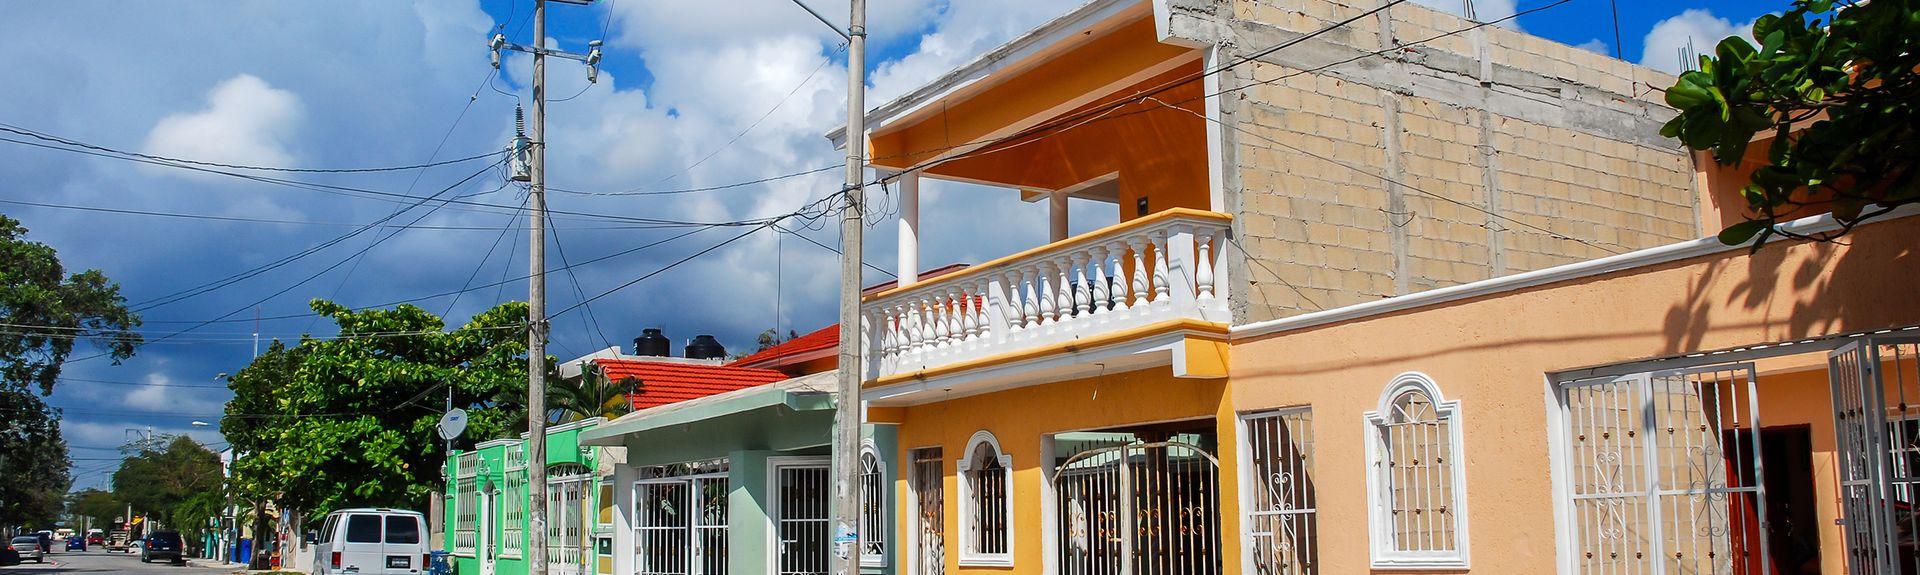 Tulum, Tulum, Quintana Roo, México